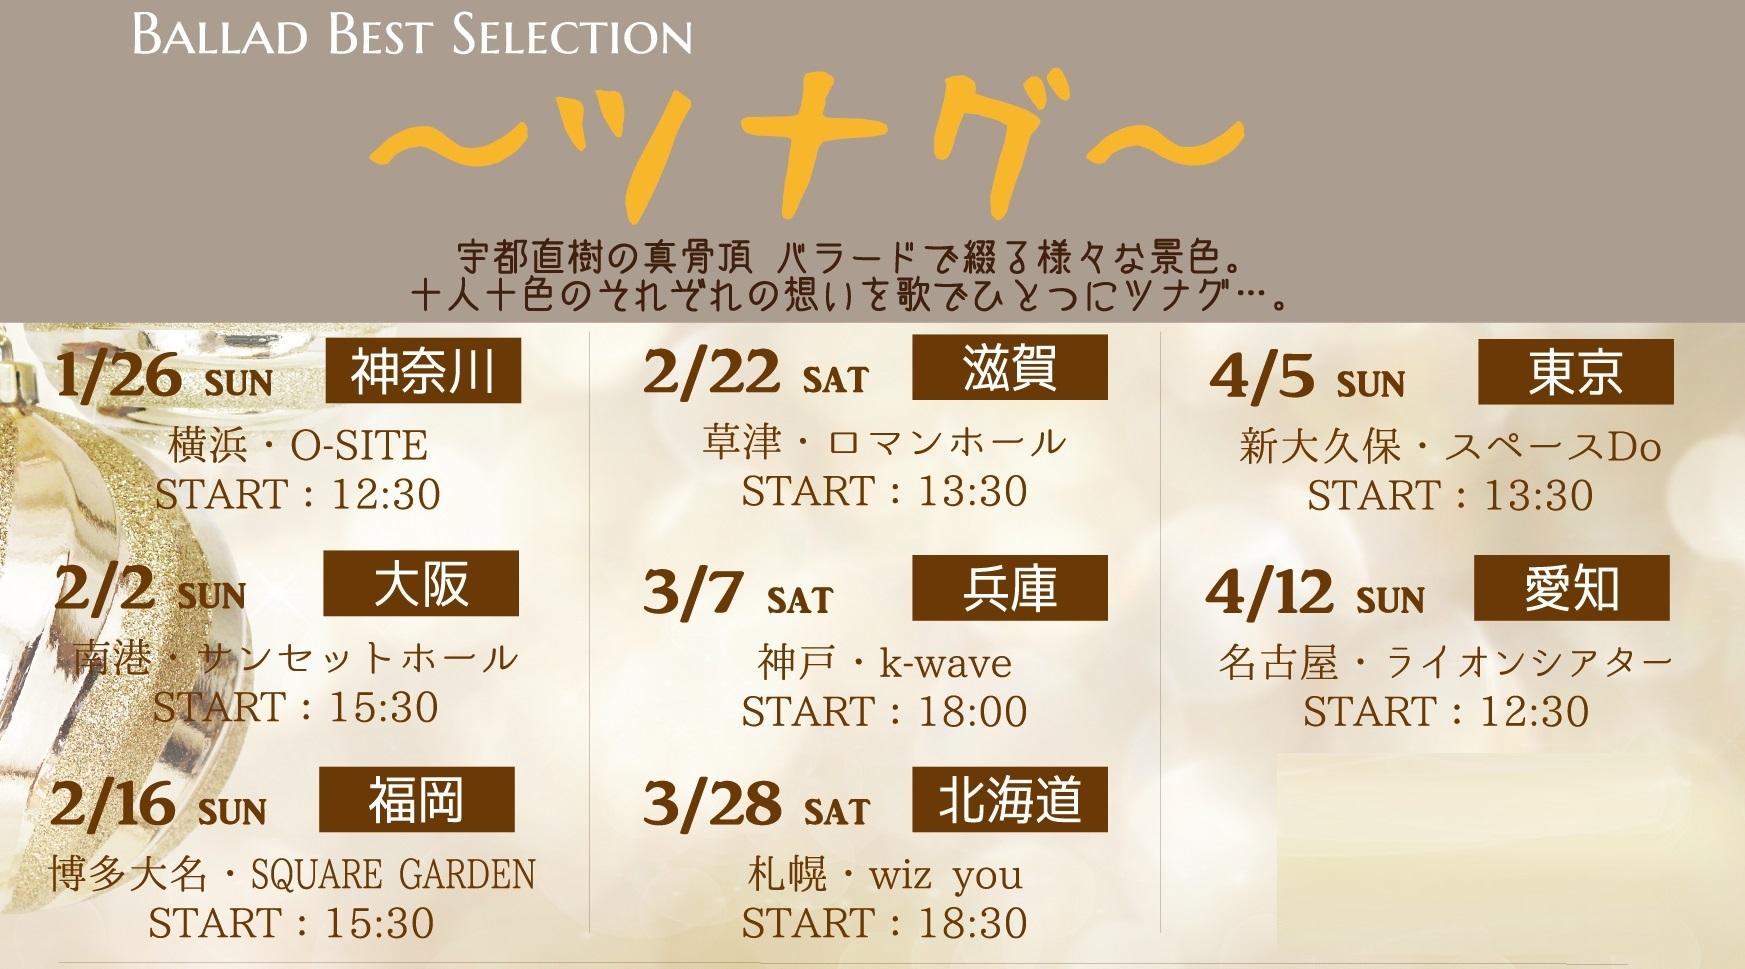 南港サンセットホール / 宇都直樹 Ballade Best  Selection 〜ツナグ〜